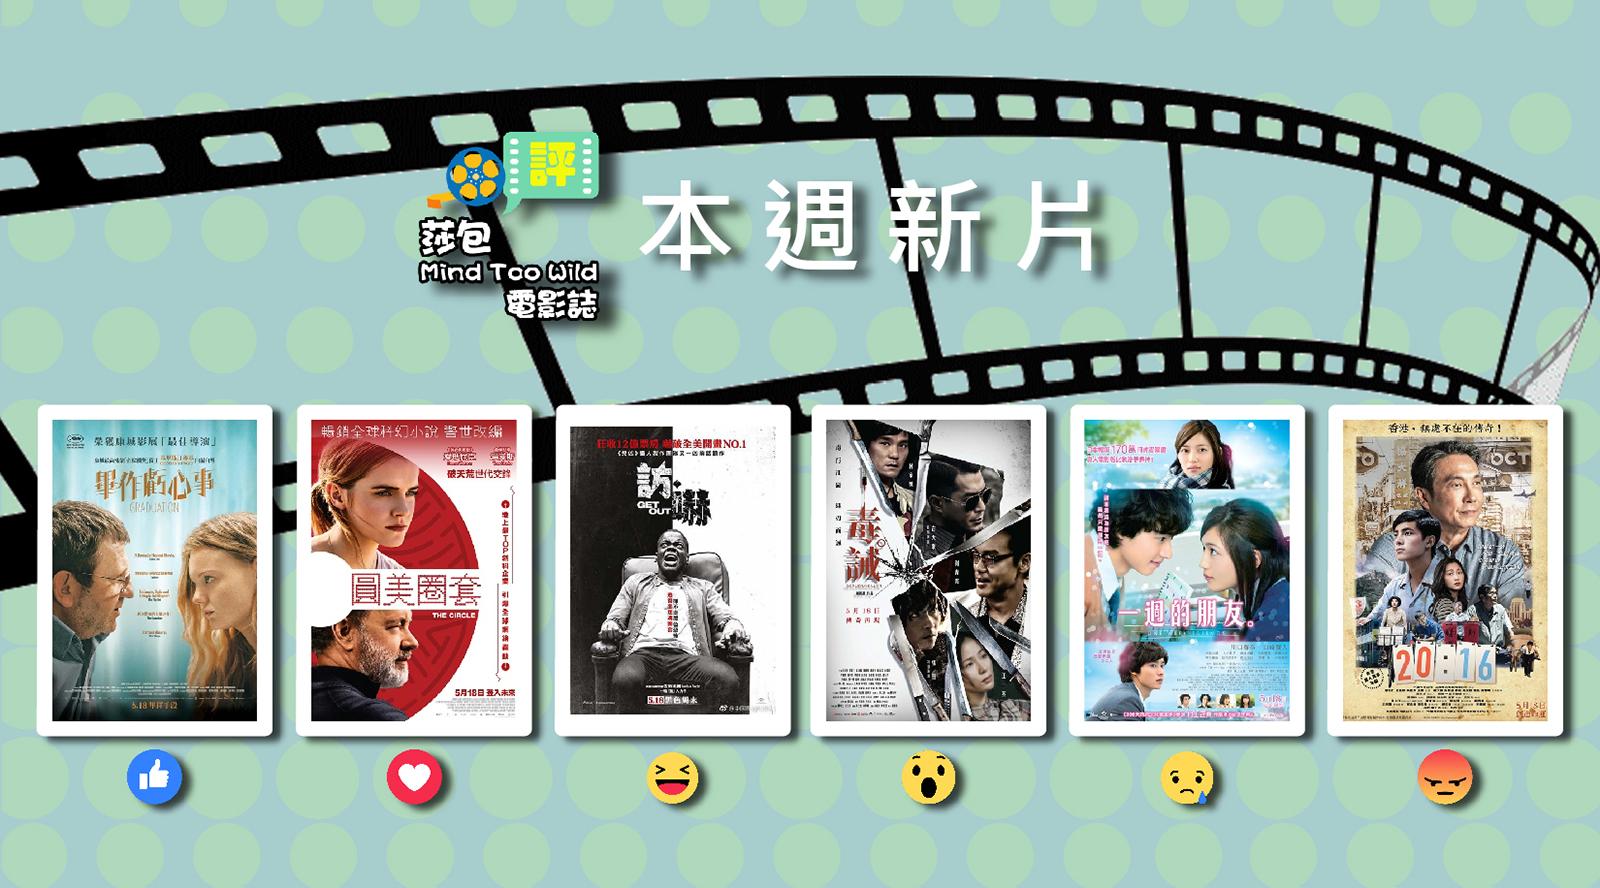 【每週電影速遞】2017年5月18日上映的新戲